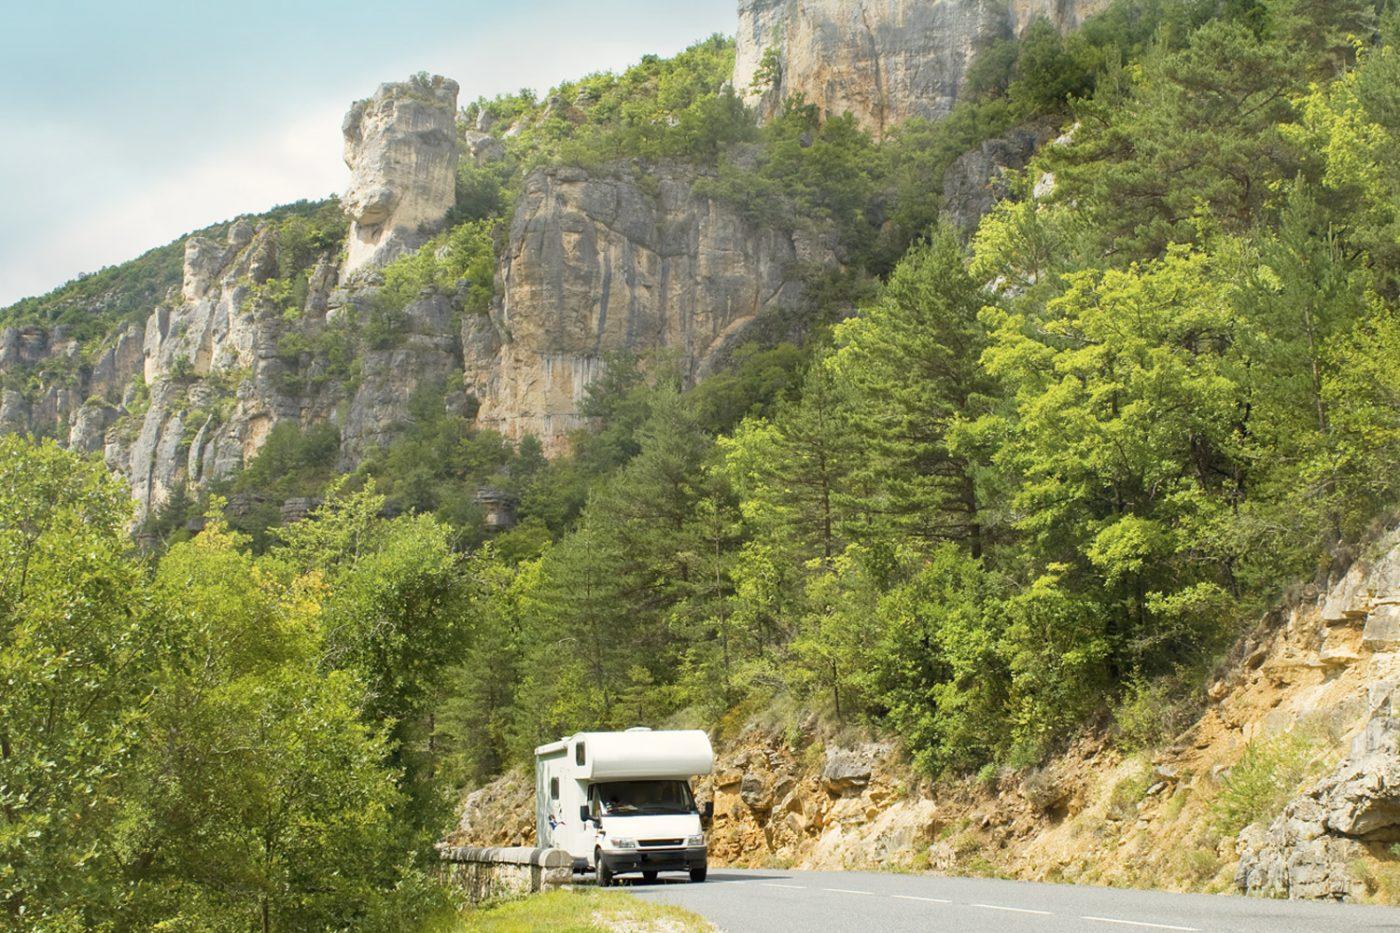 Ein Wohnmobil fährt entlang einer bewaldeten Steilwand in Frankreich.